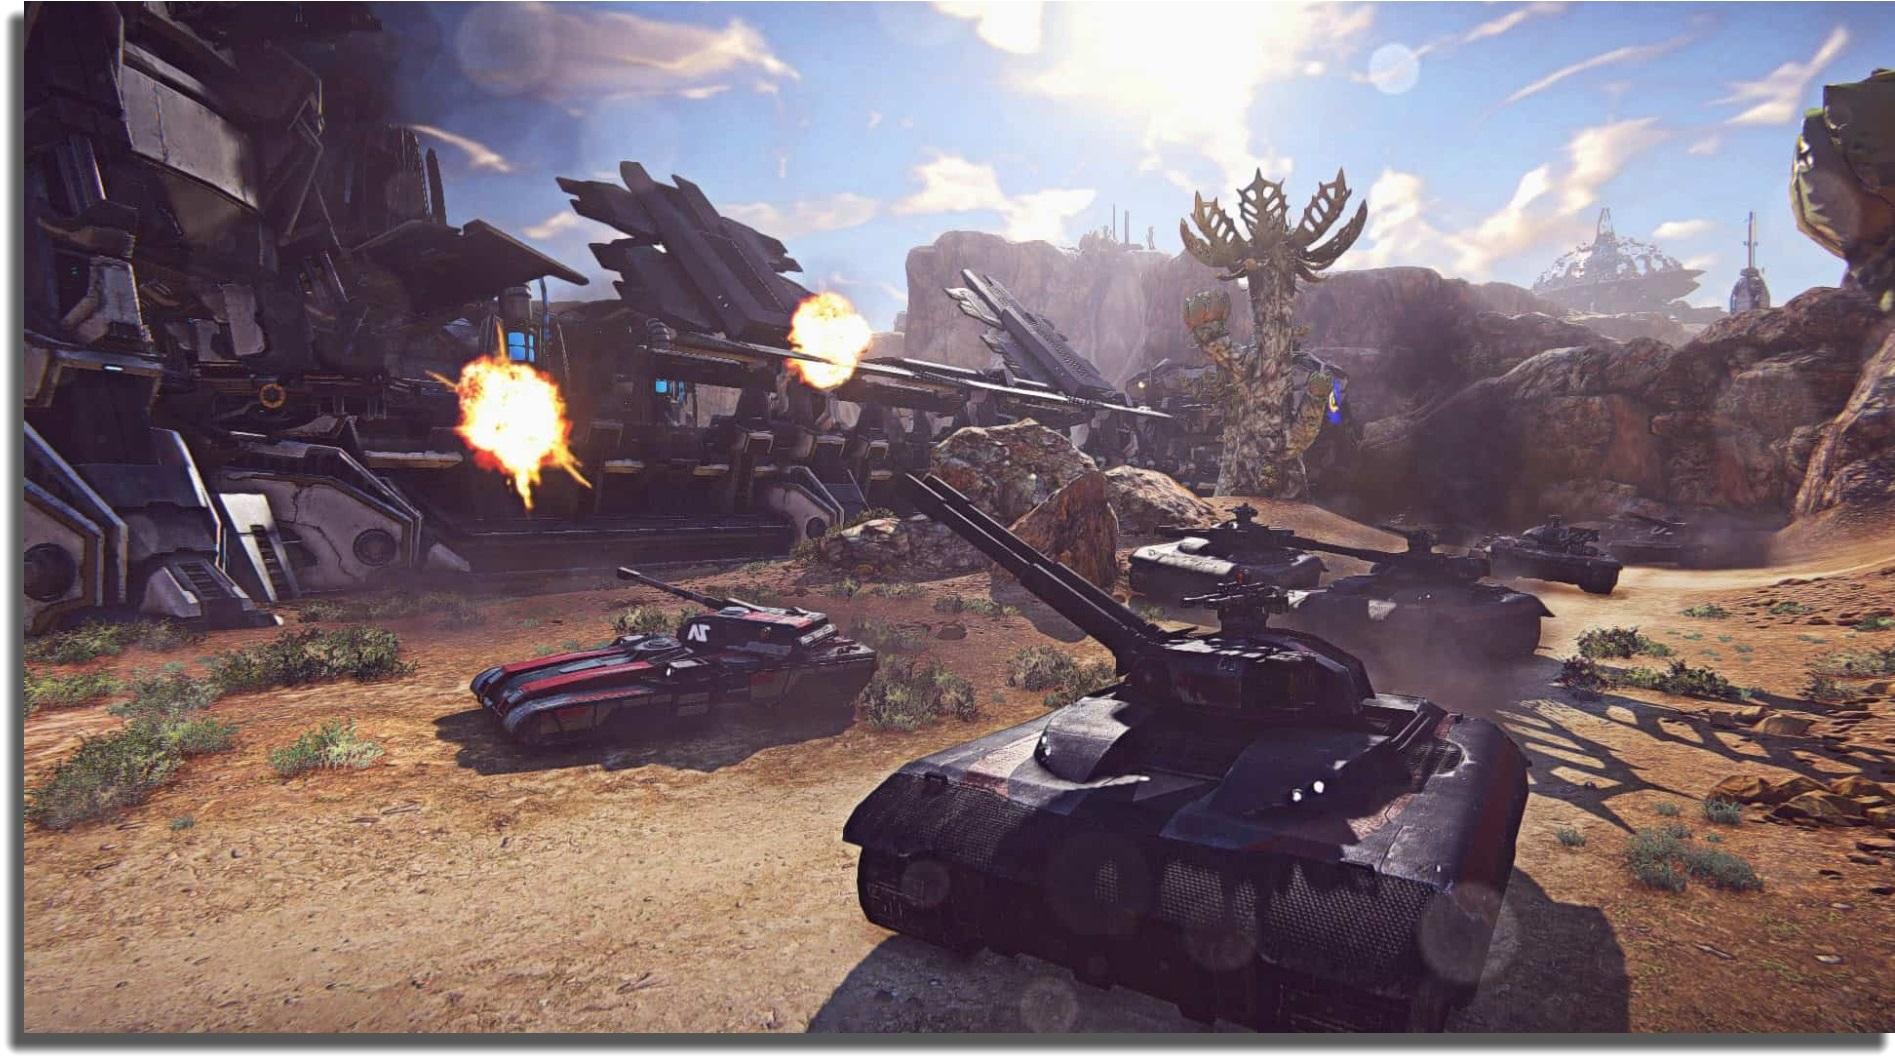 juegos multijugador gratuitos planetside 2